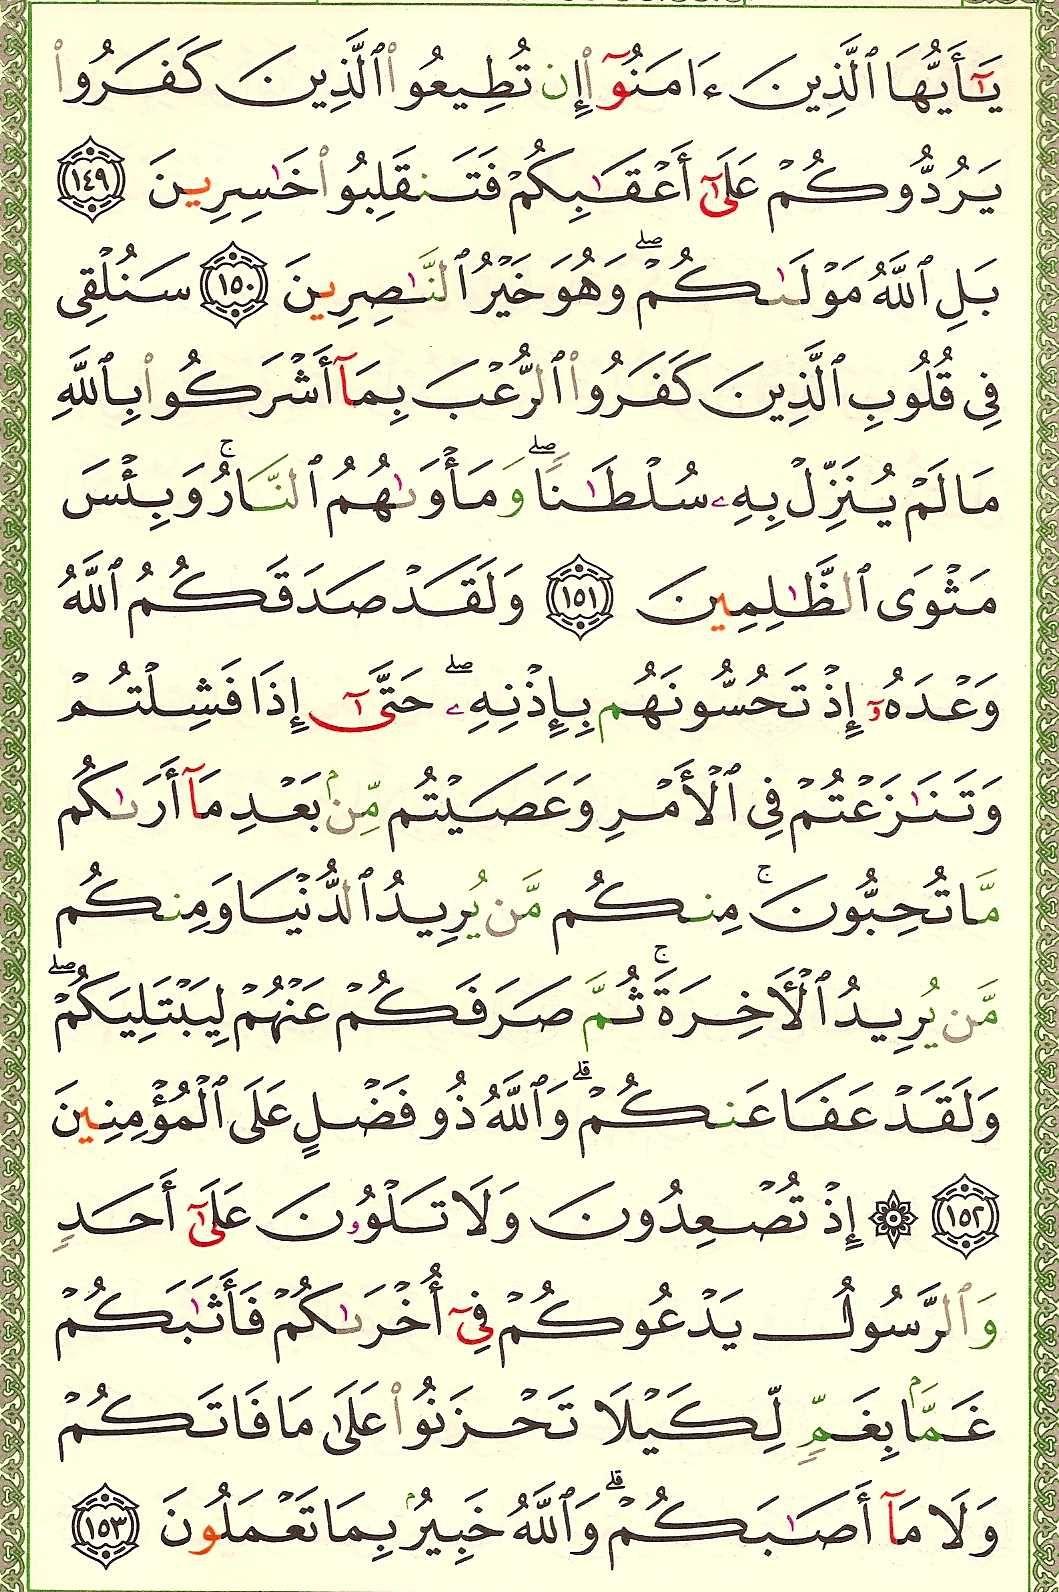 3. سورة آل عمران - Al-Imran مصورة من المصحف الشريف 069